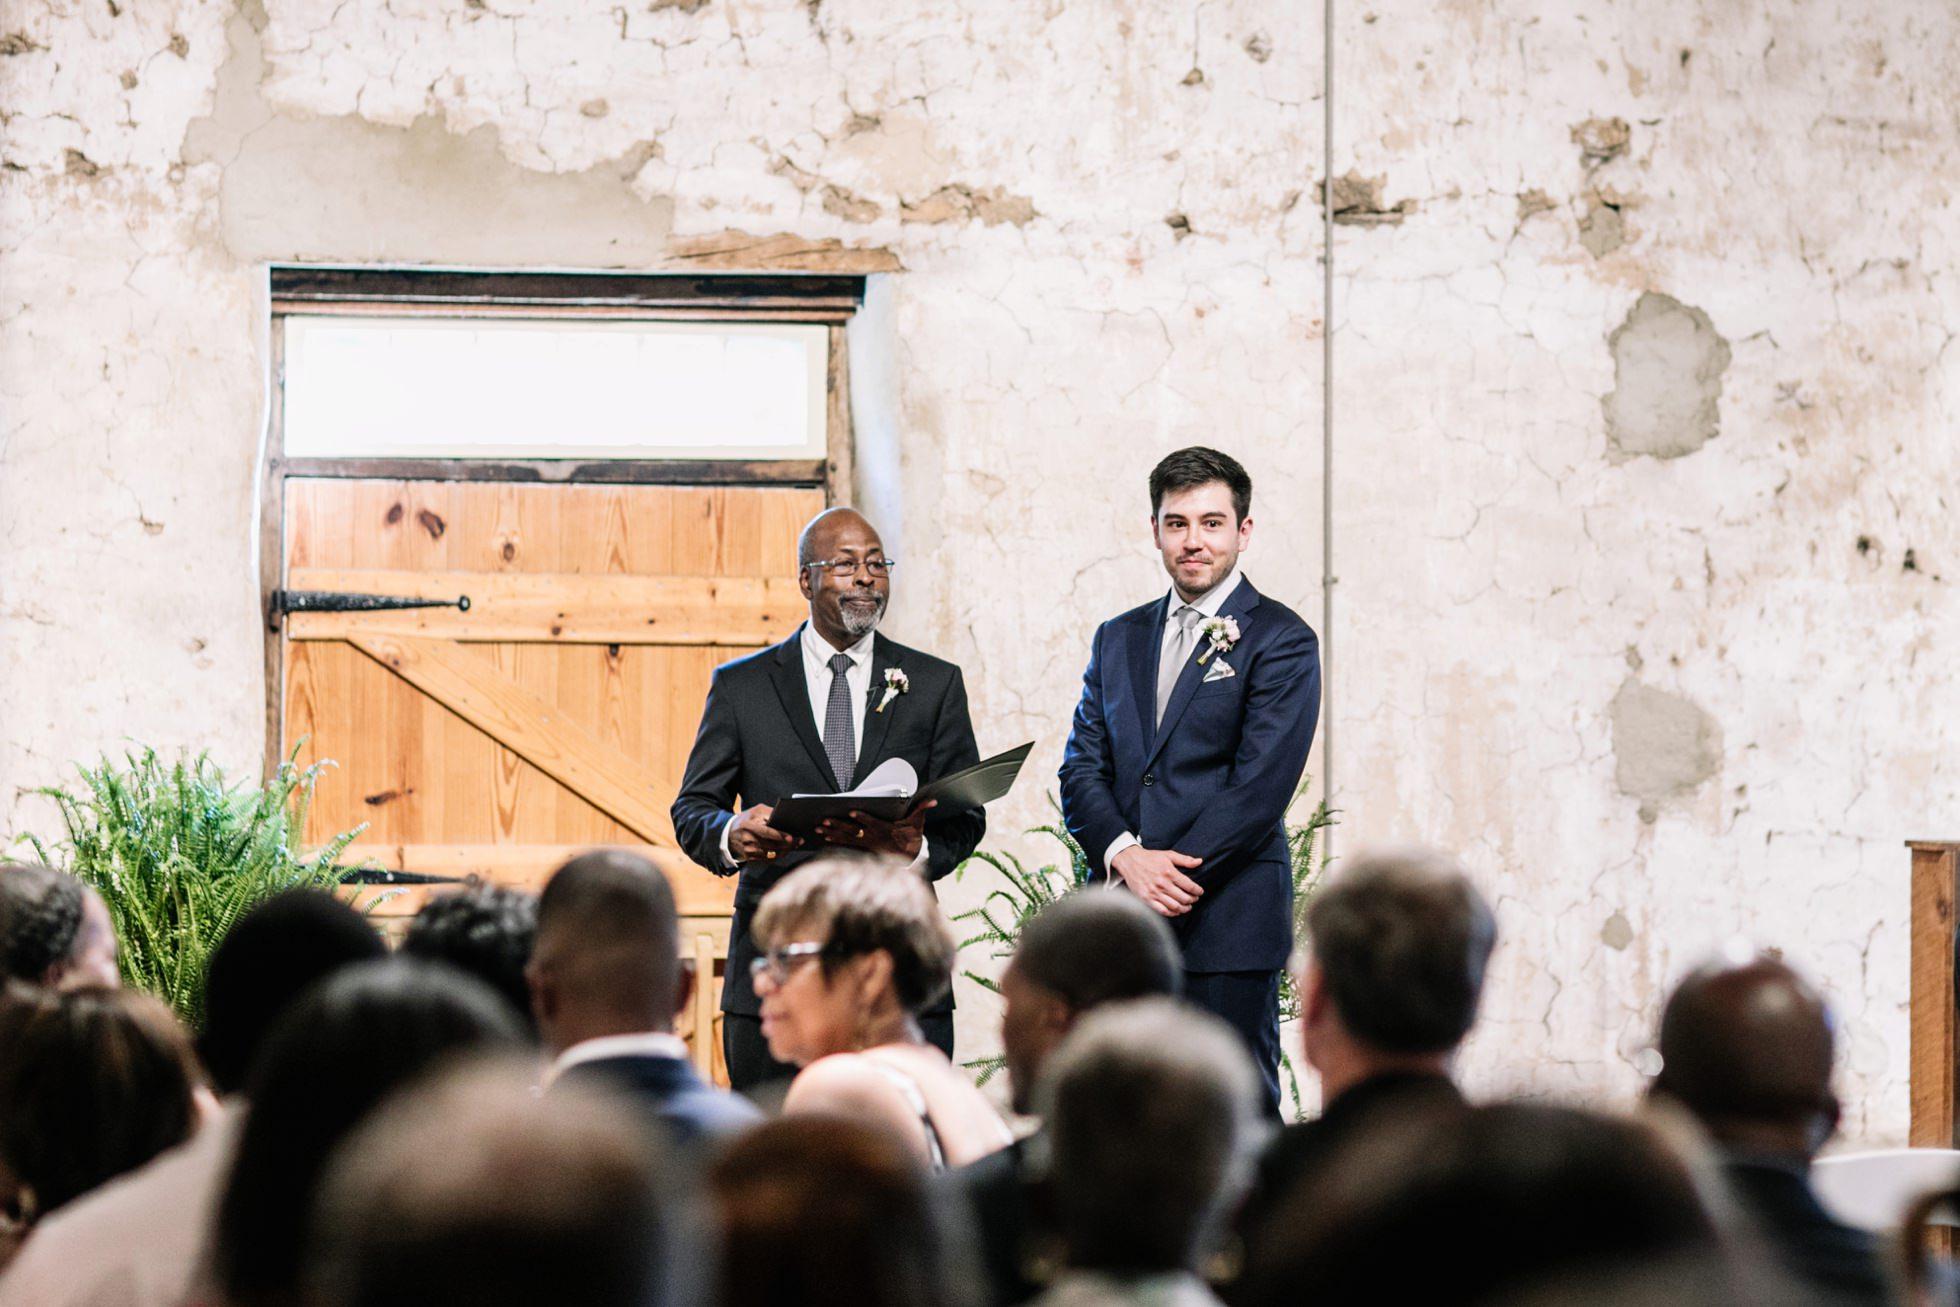 Multicultural Audubon Center wedding